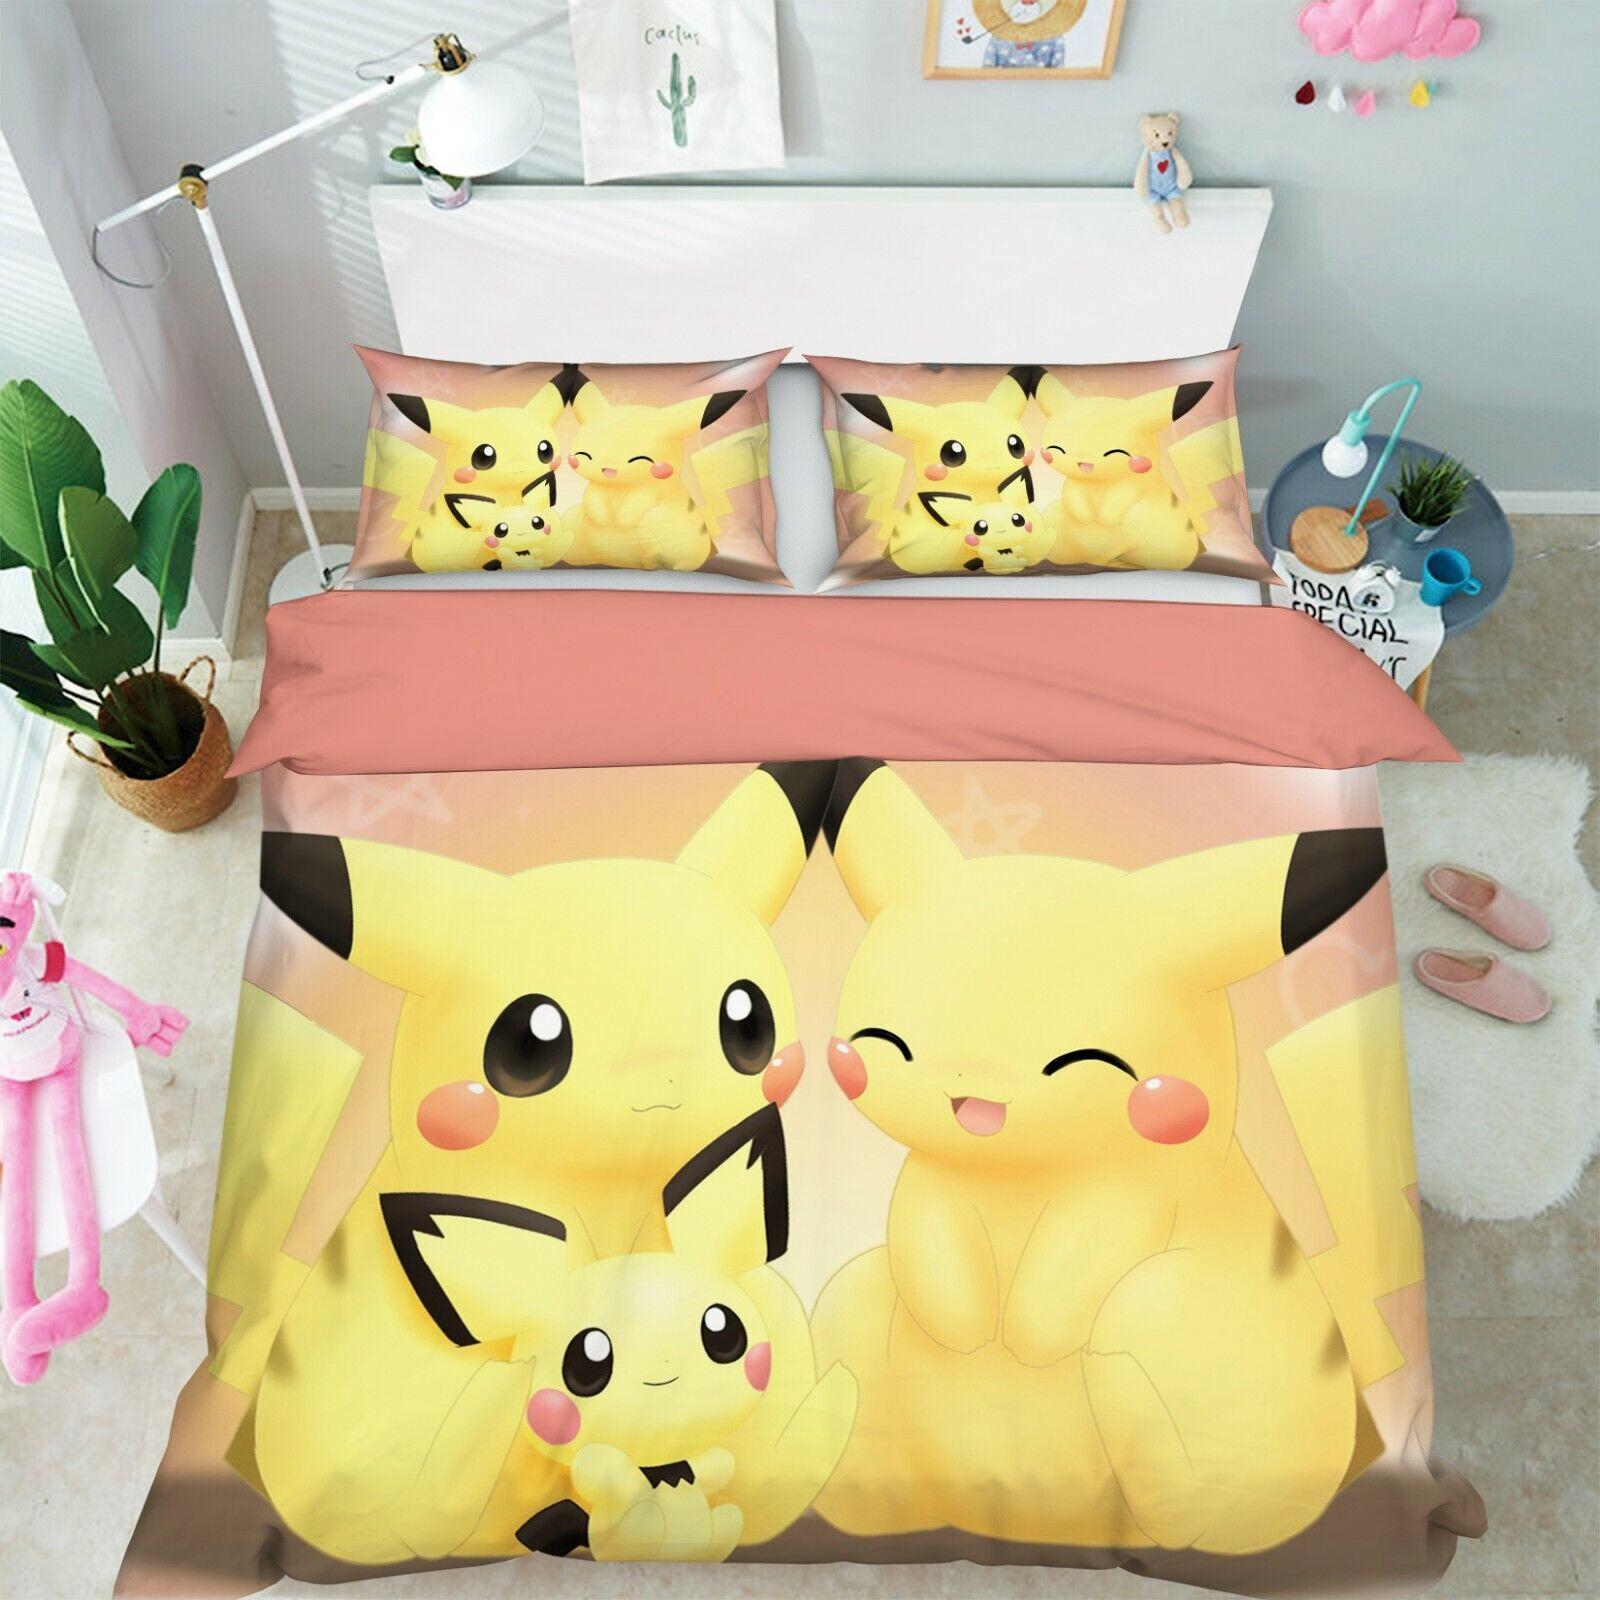 3D Duvet Cover for Pokemon 950 Japan Anime Bed Quilt Duvet Cover Double Zoe